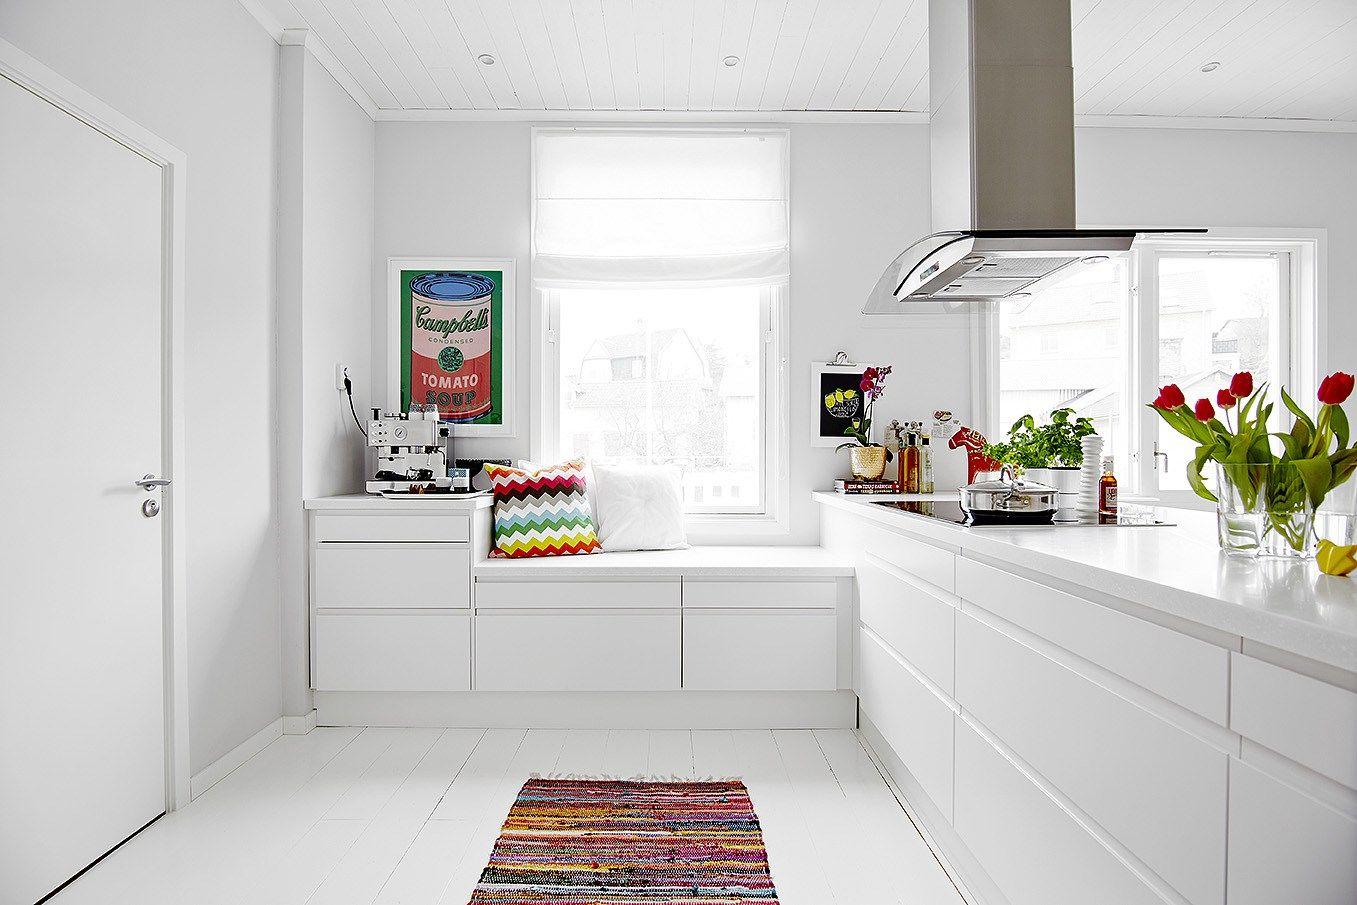 la cocina es lo importante cocina nrdica con pennsula